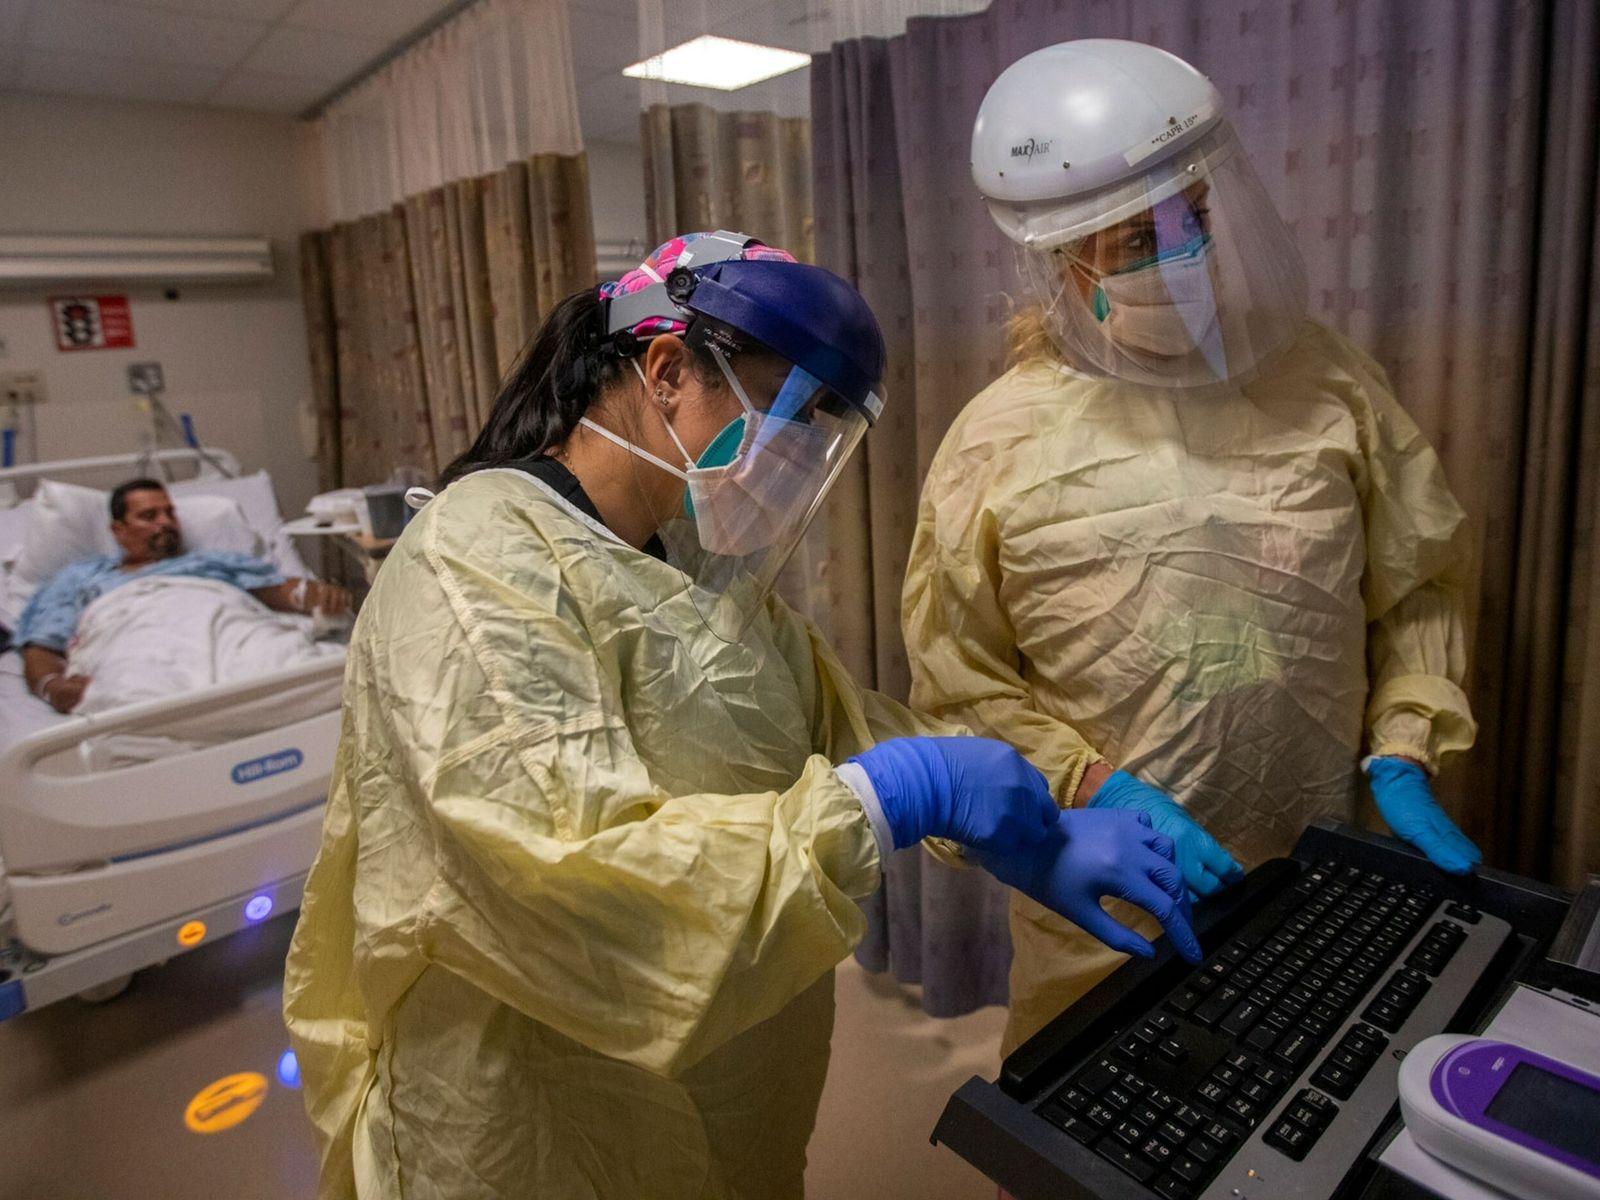 Enfermeiras atendem 20 pacientes com covid-19 no Little Company of Mary Medical Center, em 30 de ...